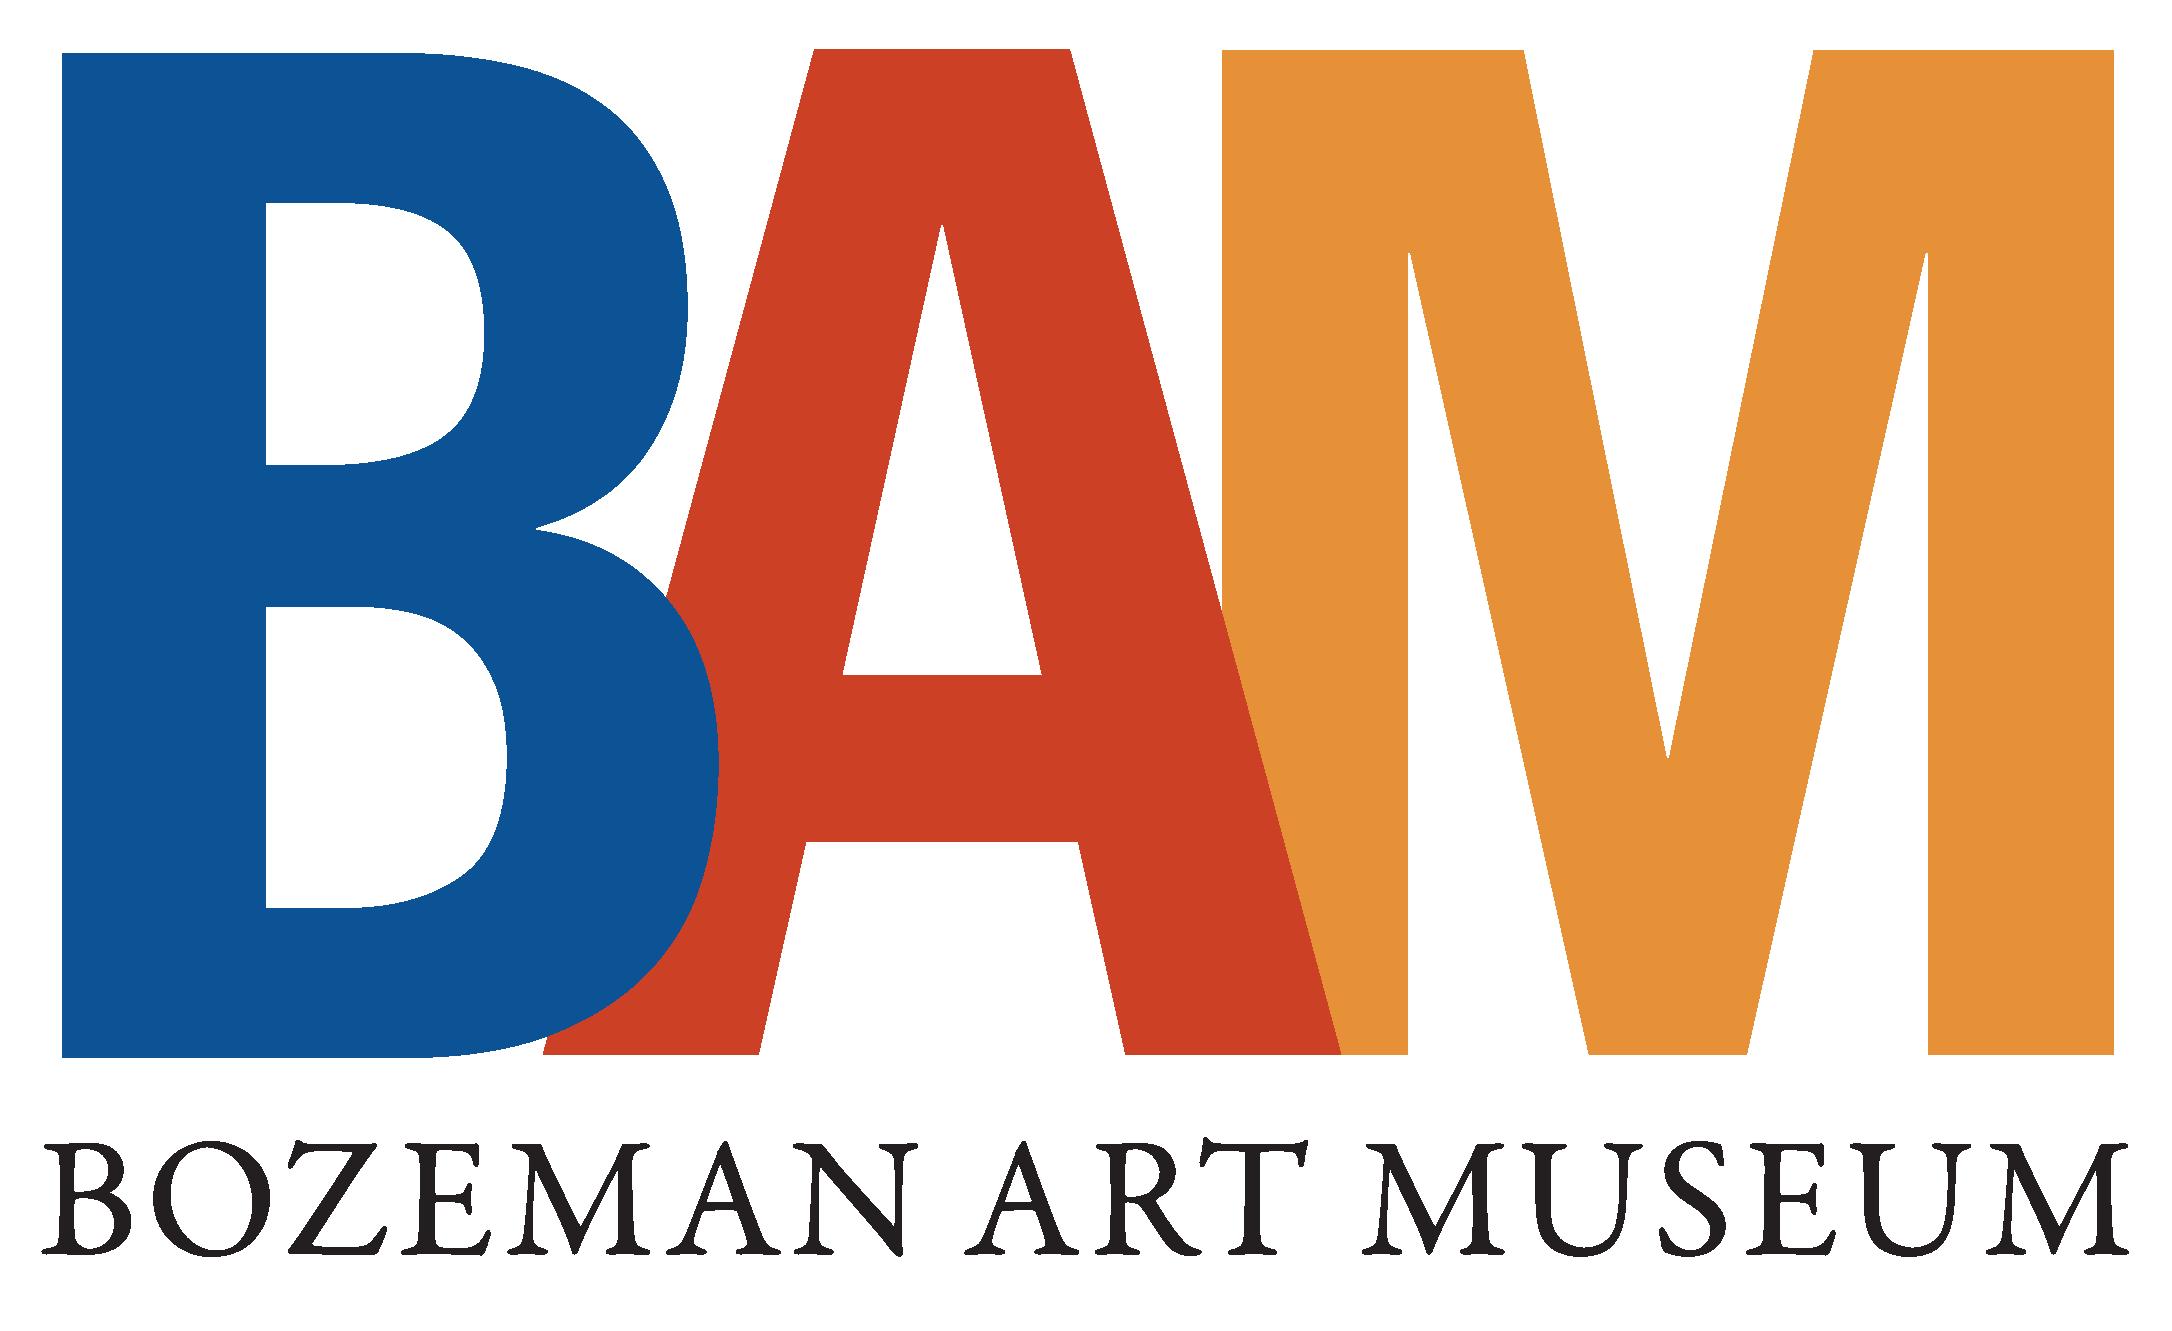 Bozeman Art Museum